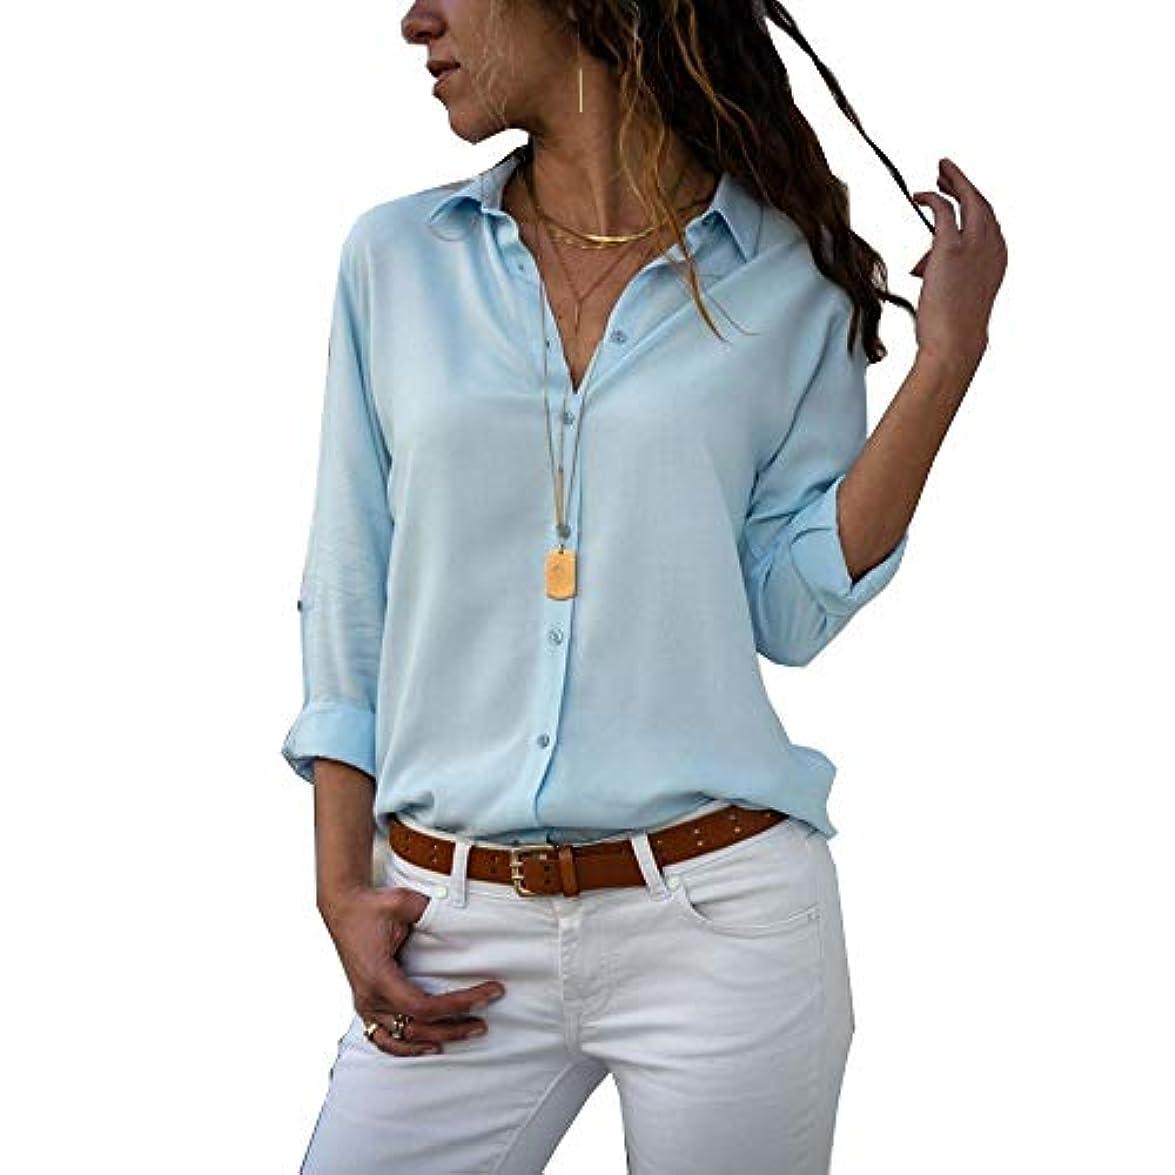 感謝している苦しめるビスケットMIFAN ルーズシャツ、トップス&Tシャツ、プラスサイズ、トップス&ブラウス、シフォンブラウス、女性トップス、シフォンシャツ